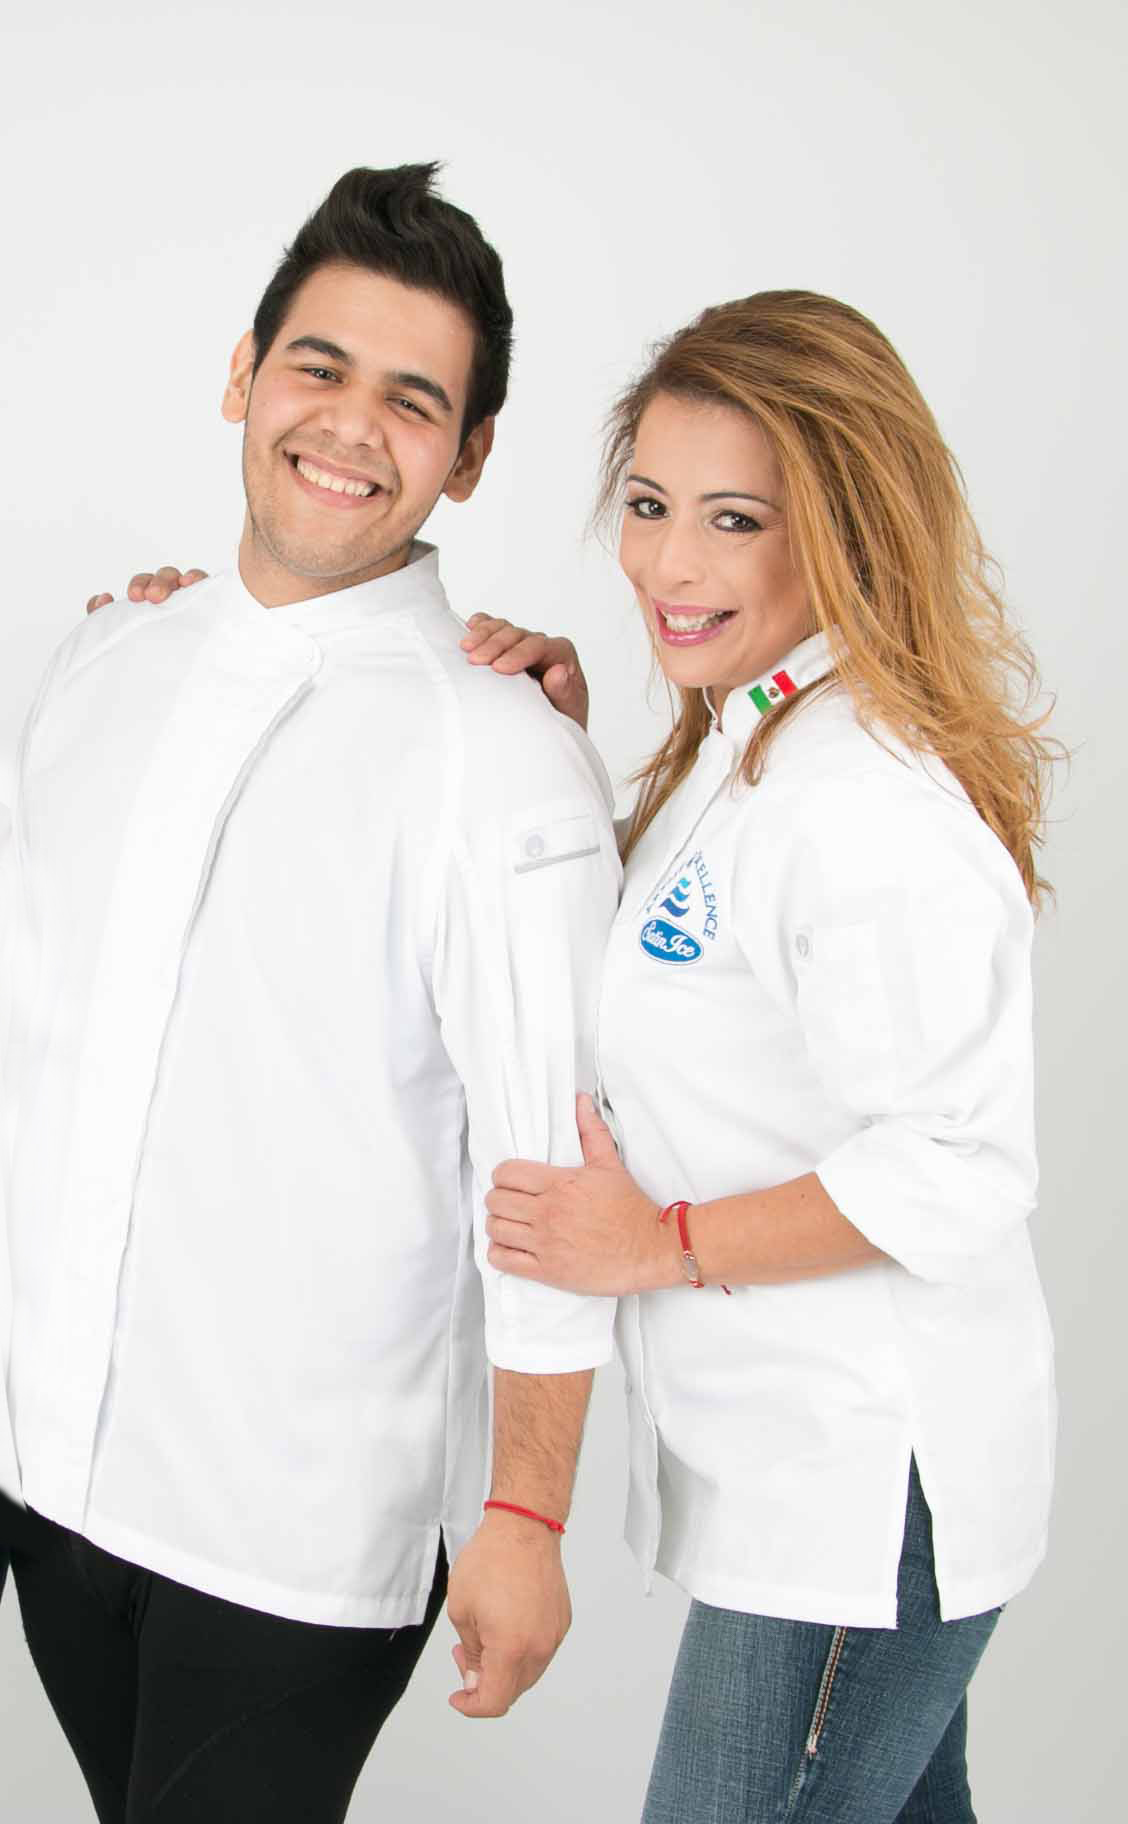 CHRIS ARANDA TEAM  - Chris Aranda, Mary Carmen Gonzalez